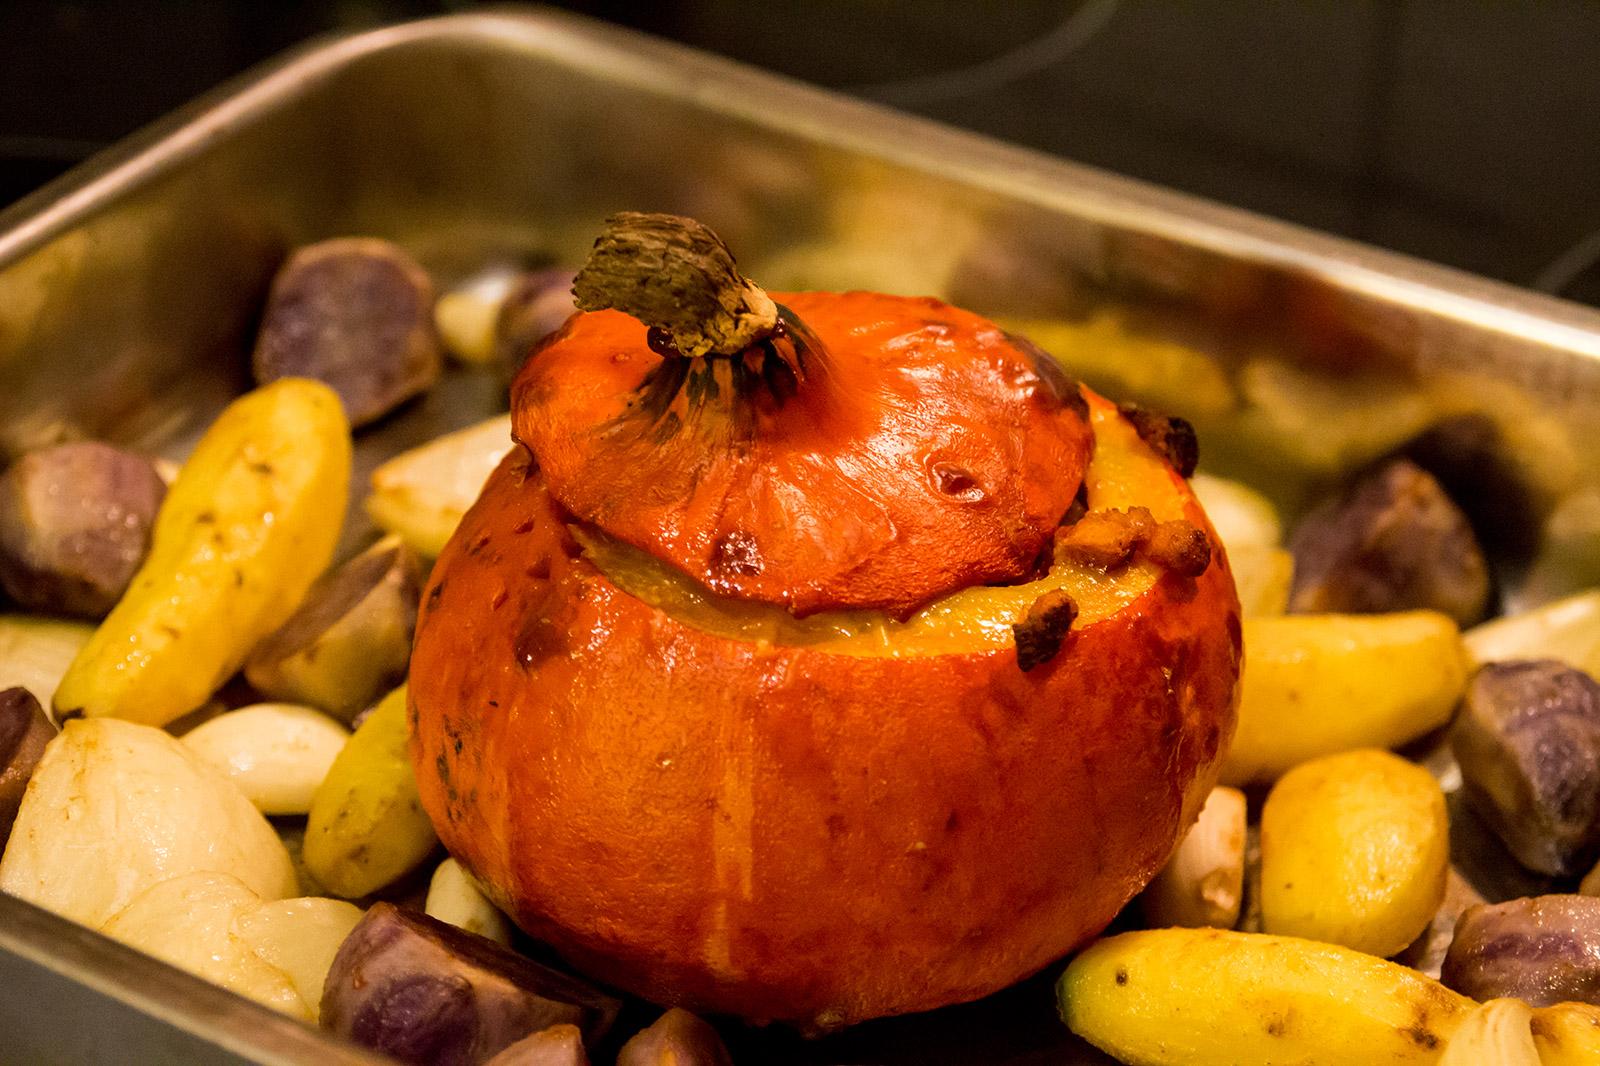 Der gefüllte Kürbis mit Ofenkartoffeln, Zwiebel und Knoblauch